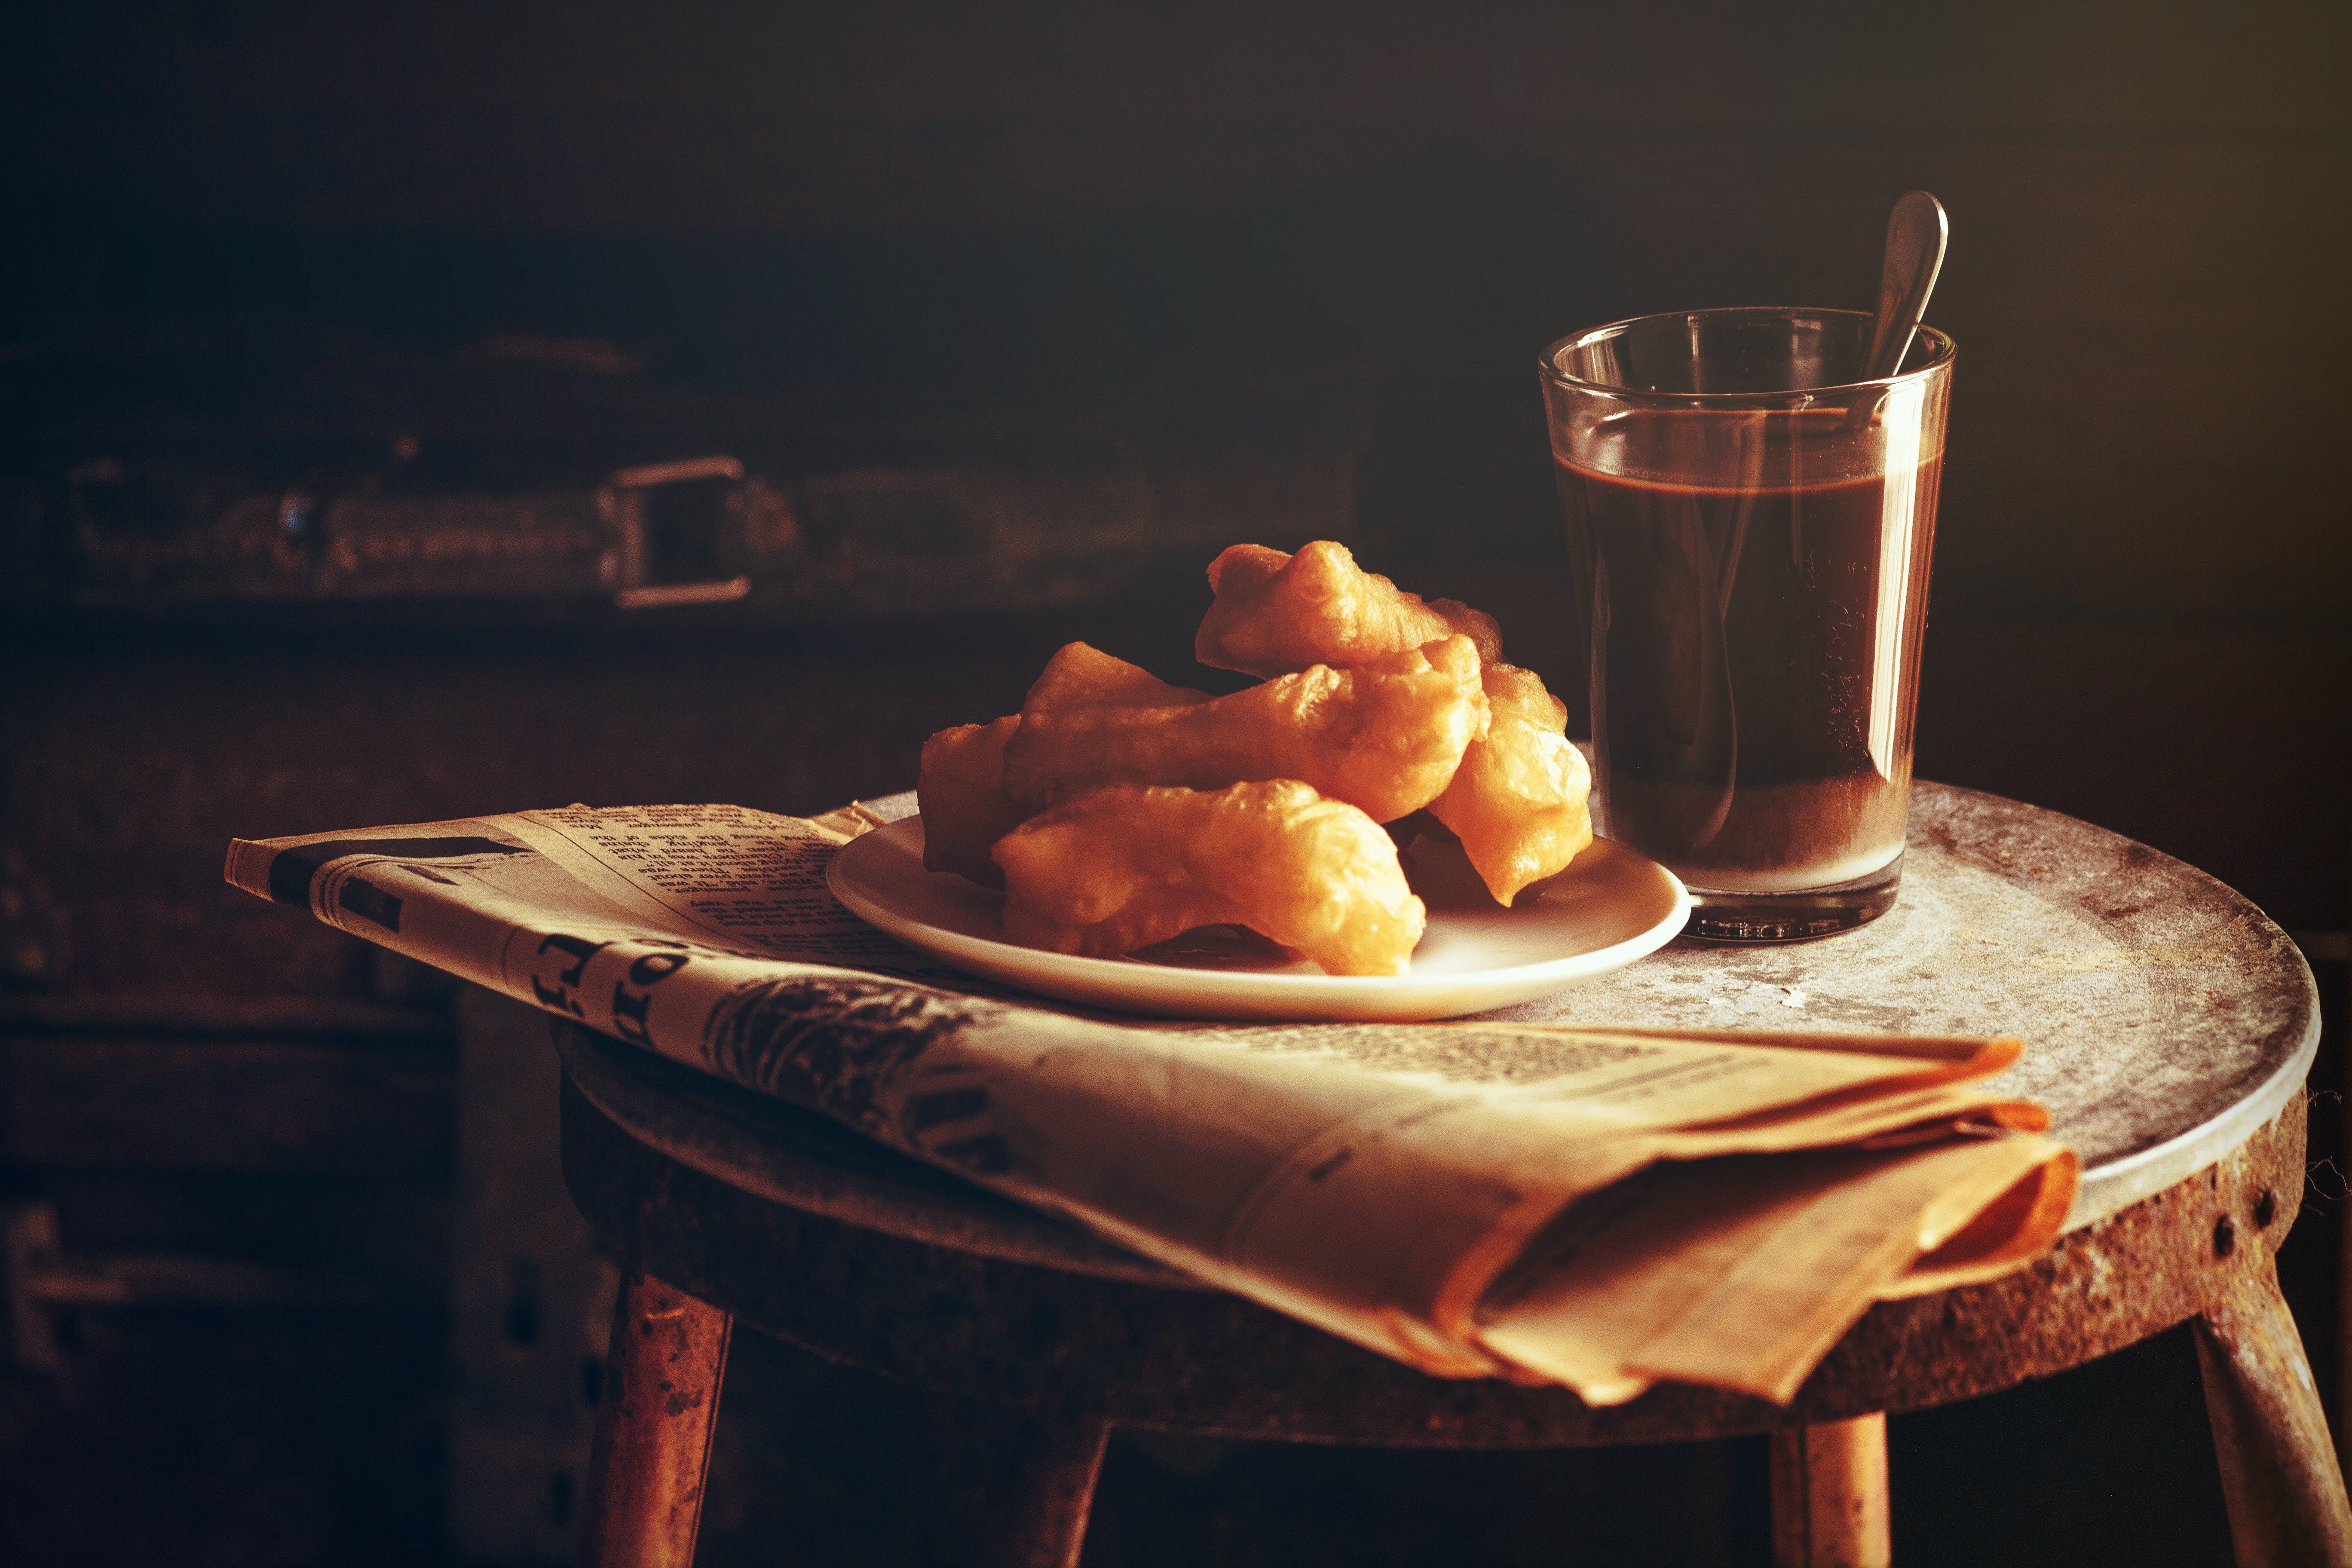 Coffee Beside Plate of Bread